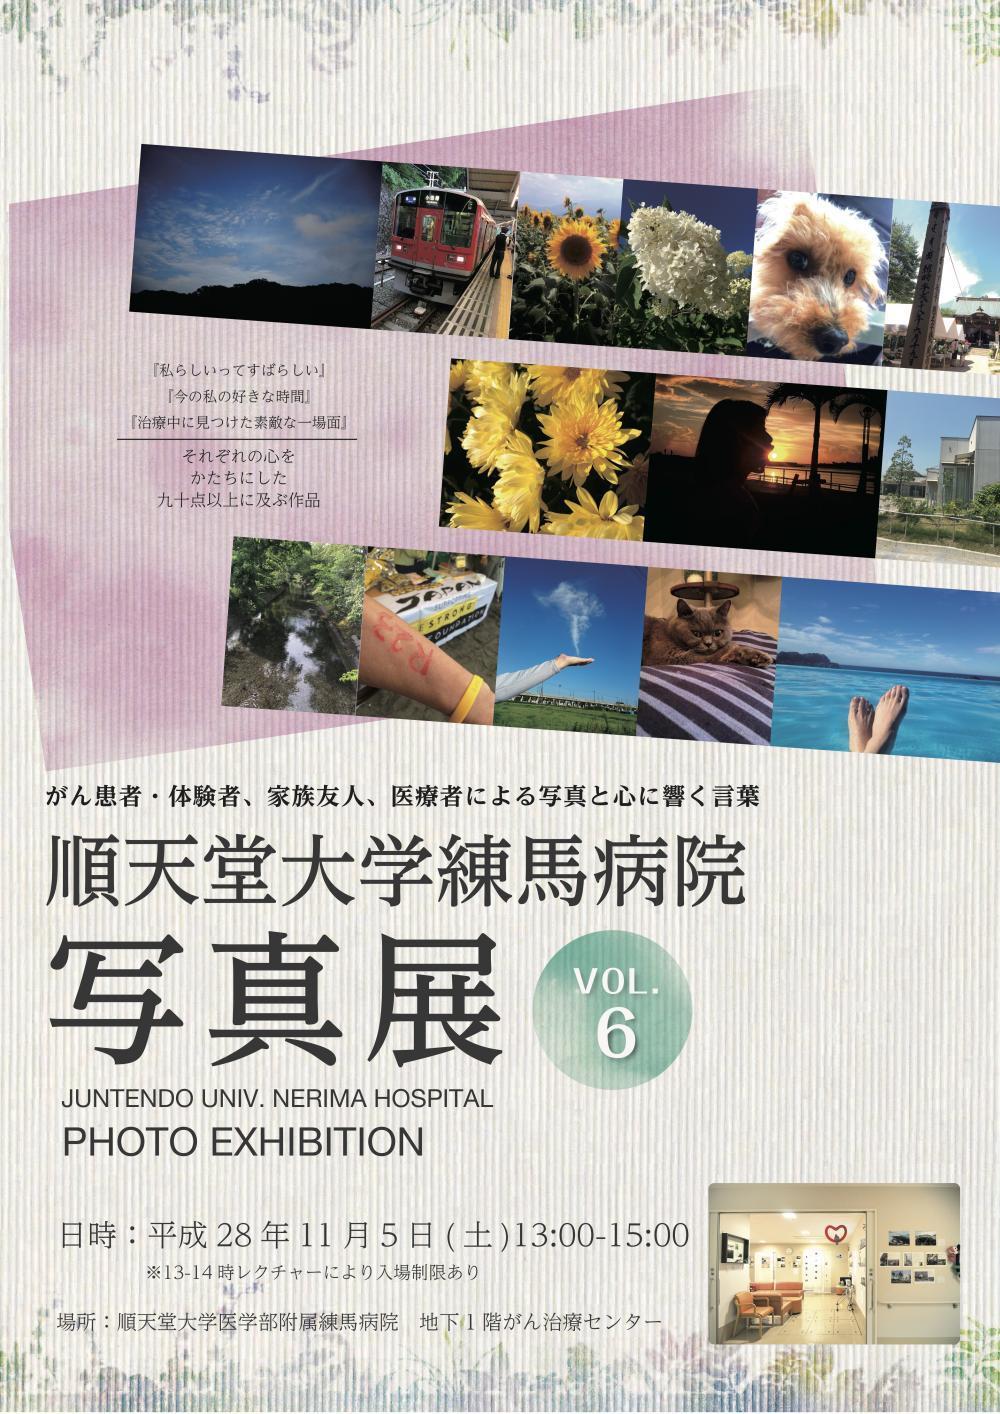 順天堂大学練馬病院写真展vol.6 ポスター